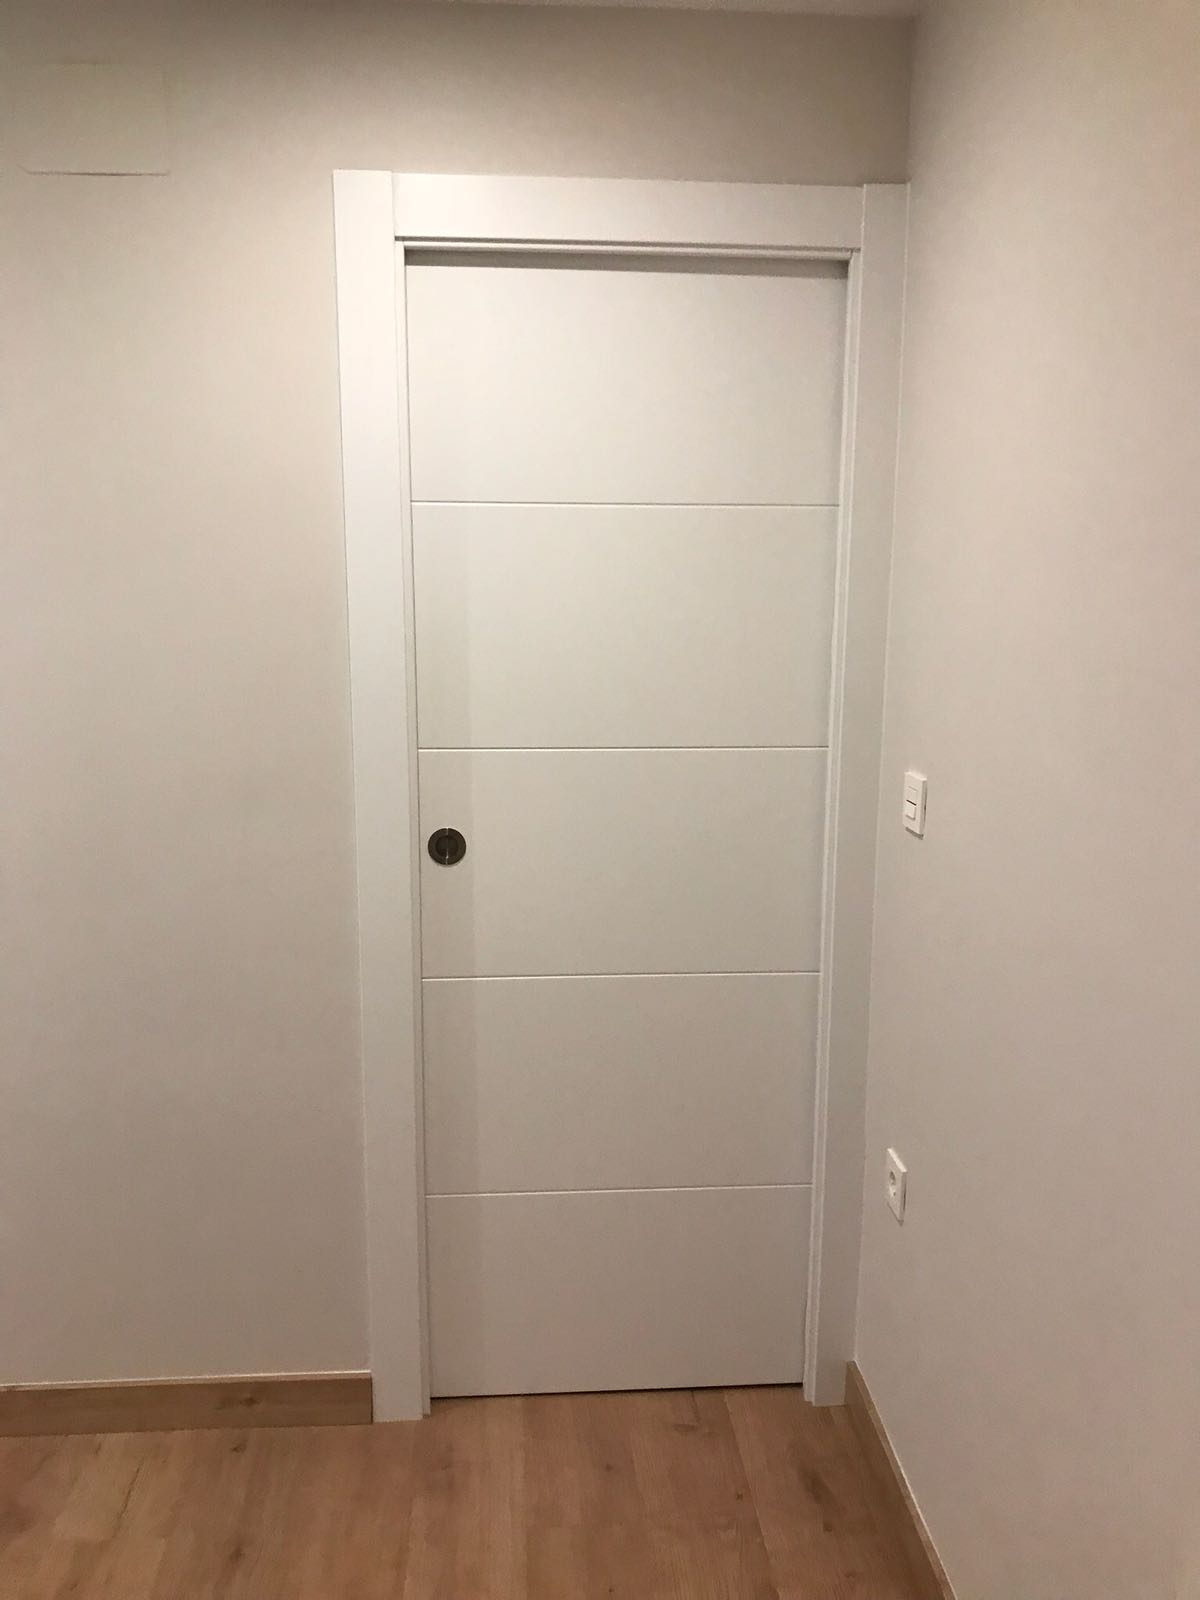 Trabajos realizados puertas lacadas blancas en granada - Puertas lacadas en blanco opiniones ...